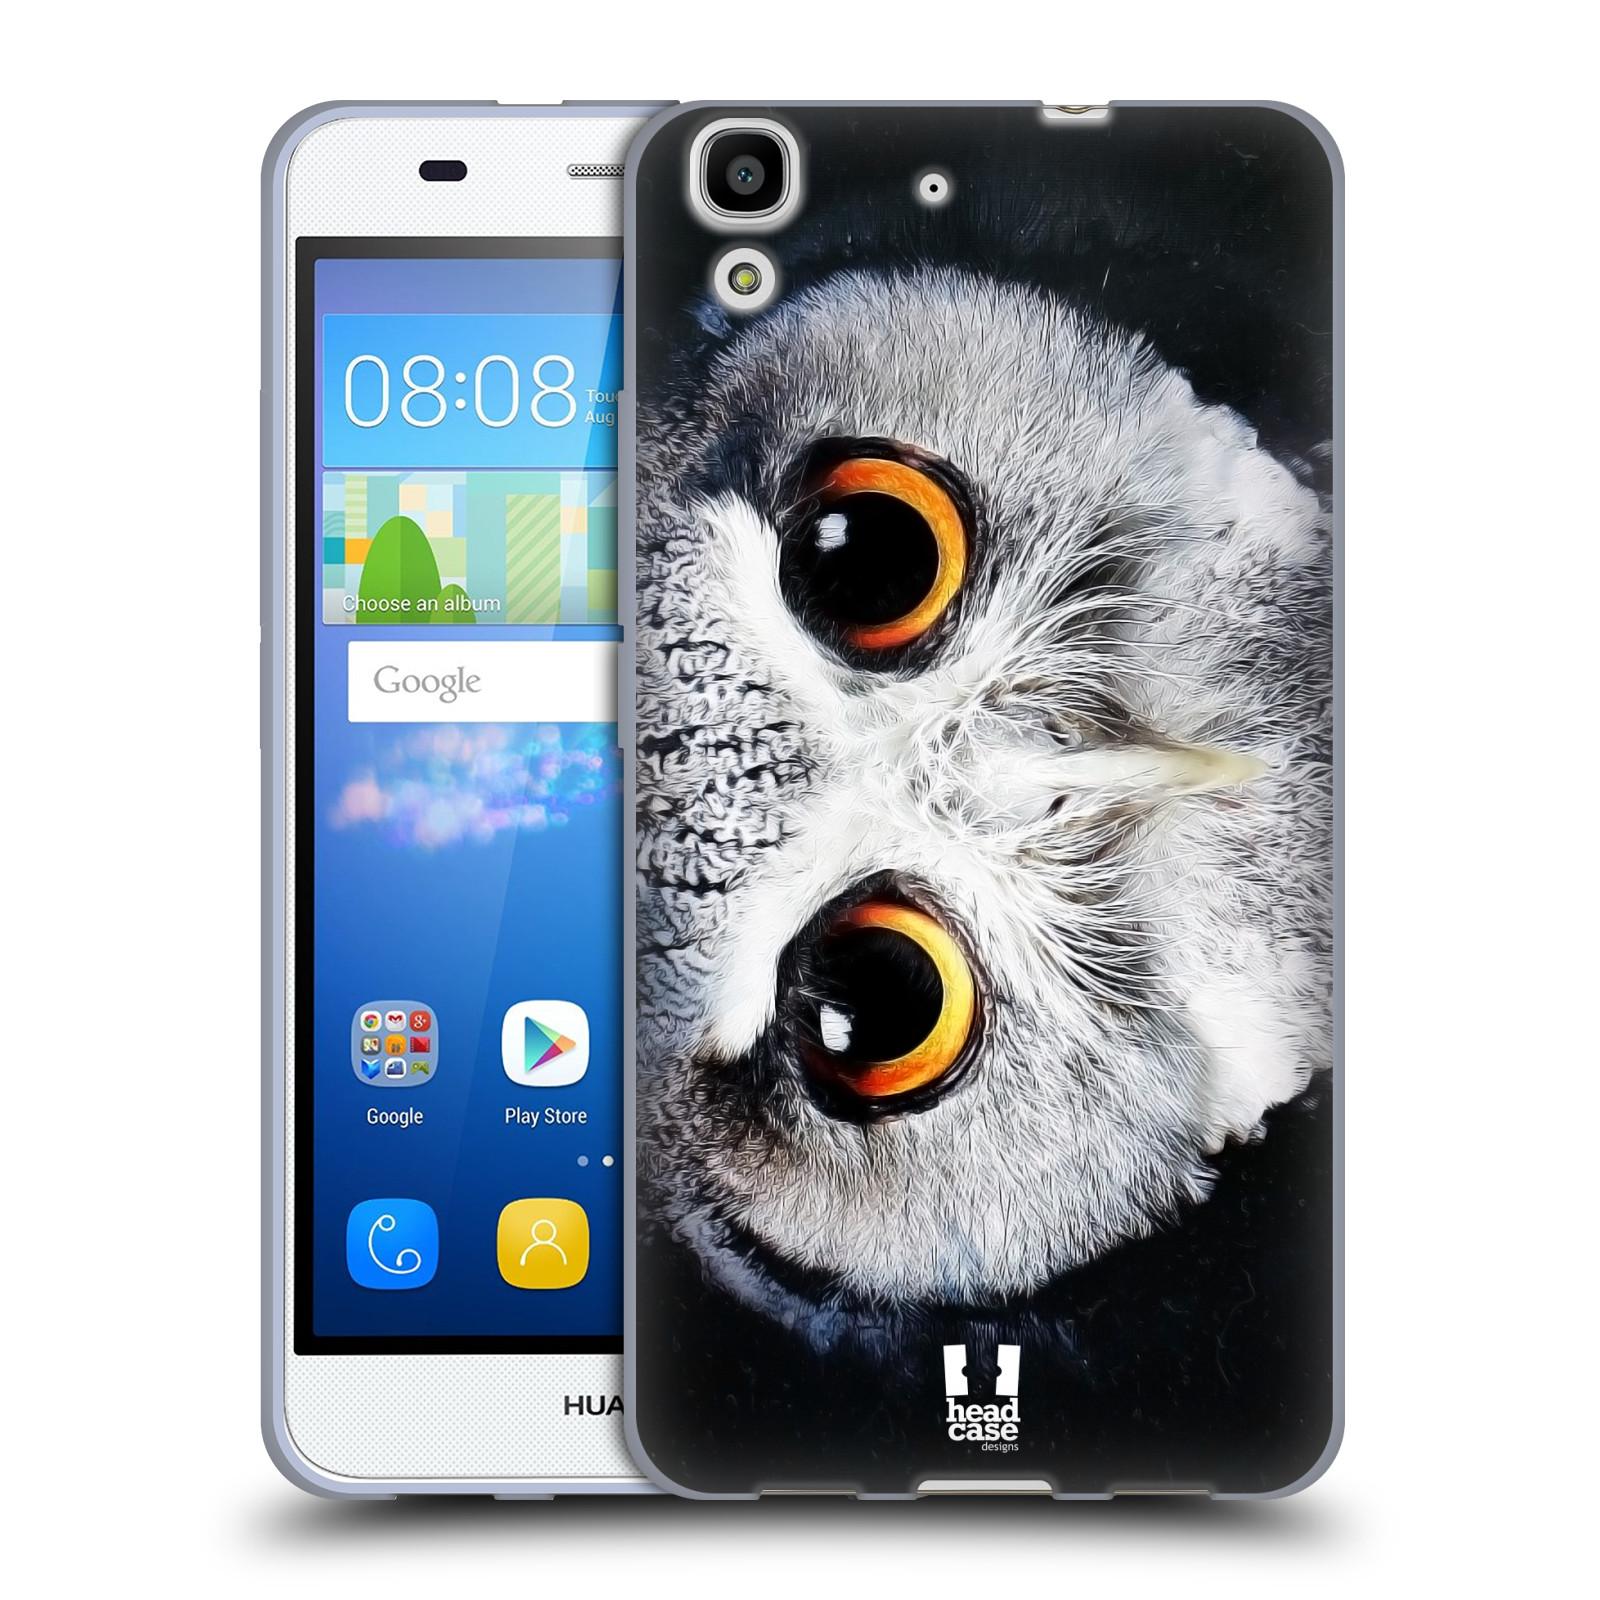 HEAD CASE silikonový obal na mobil HUAWEI Y6 vzor Zvířecí tváře sova